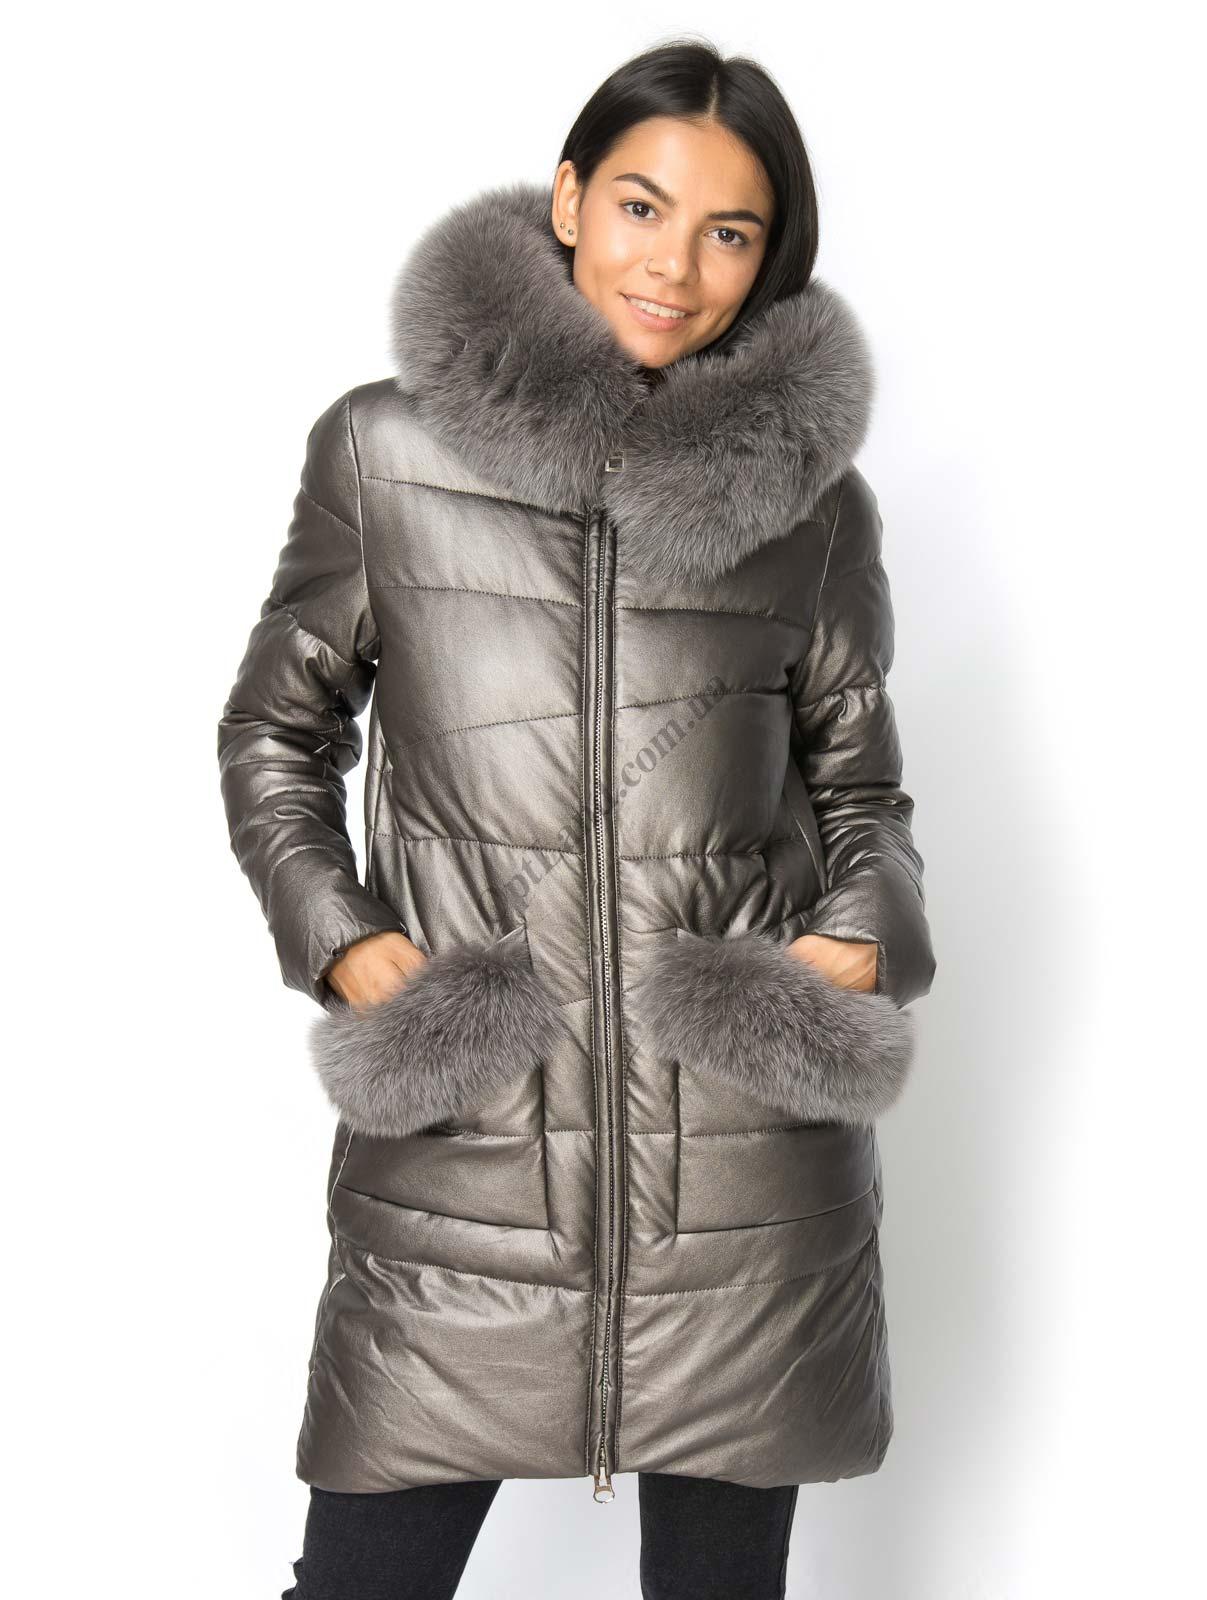 Зимняя куртка Lims 18-202 из экокожи